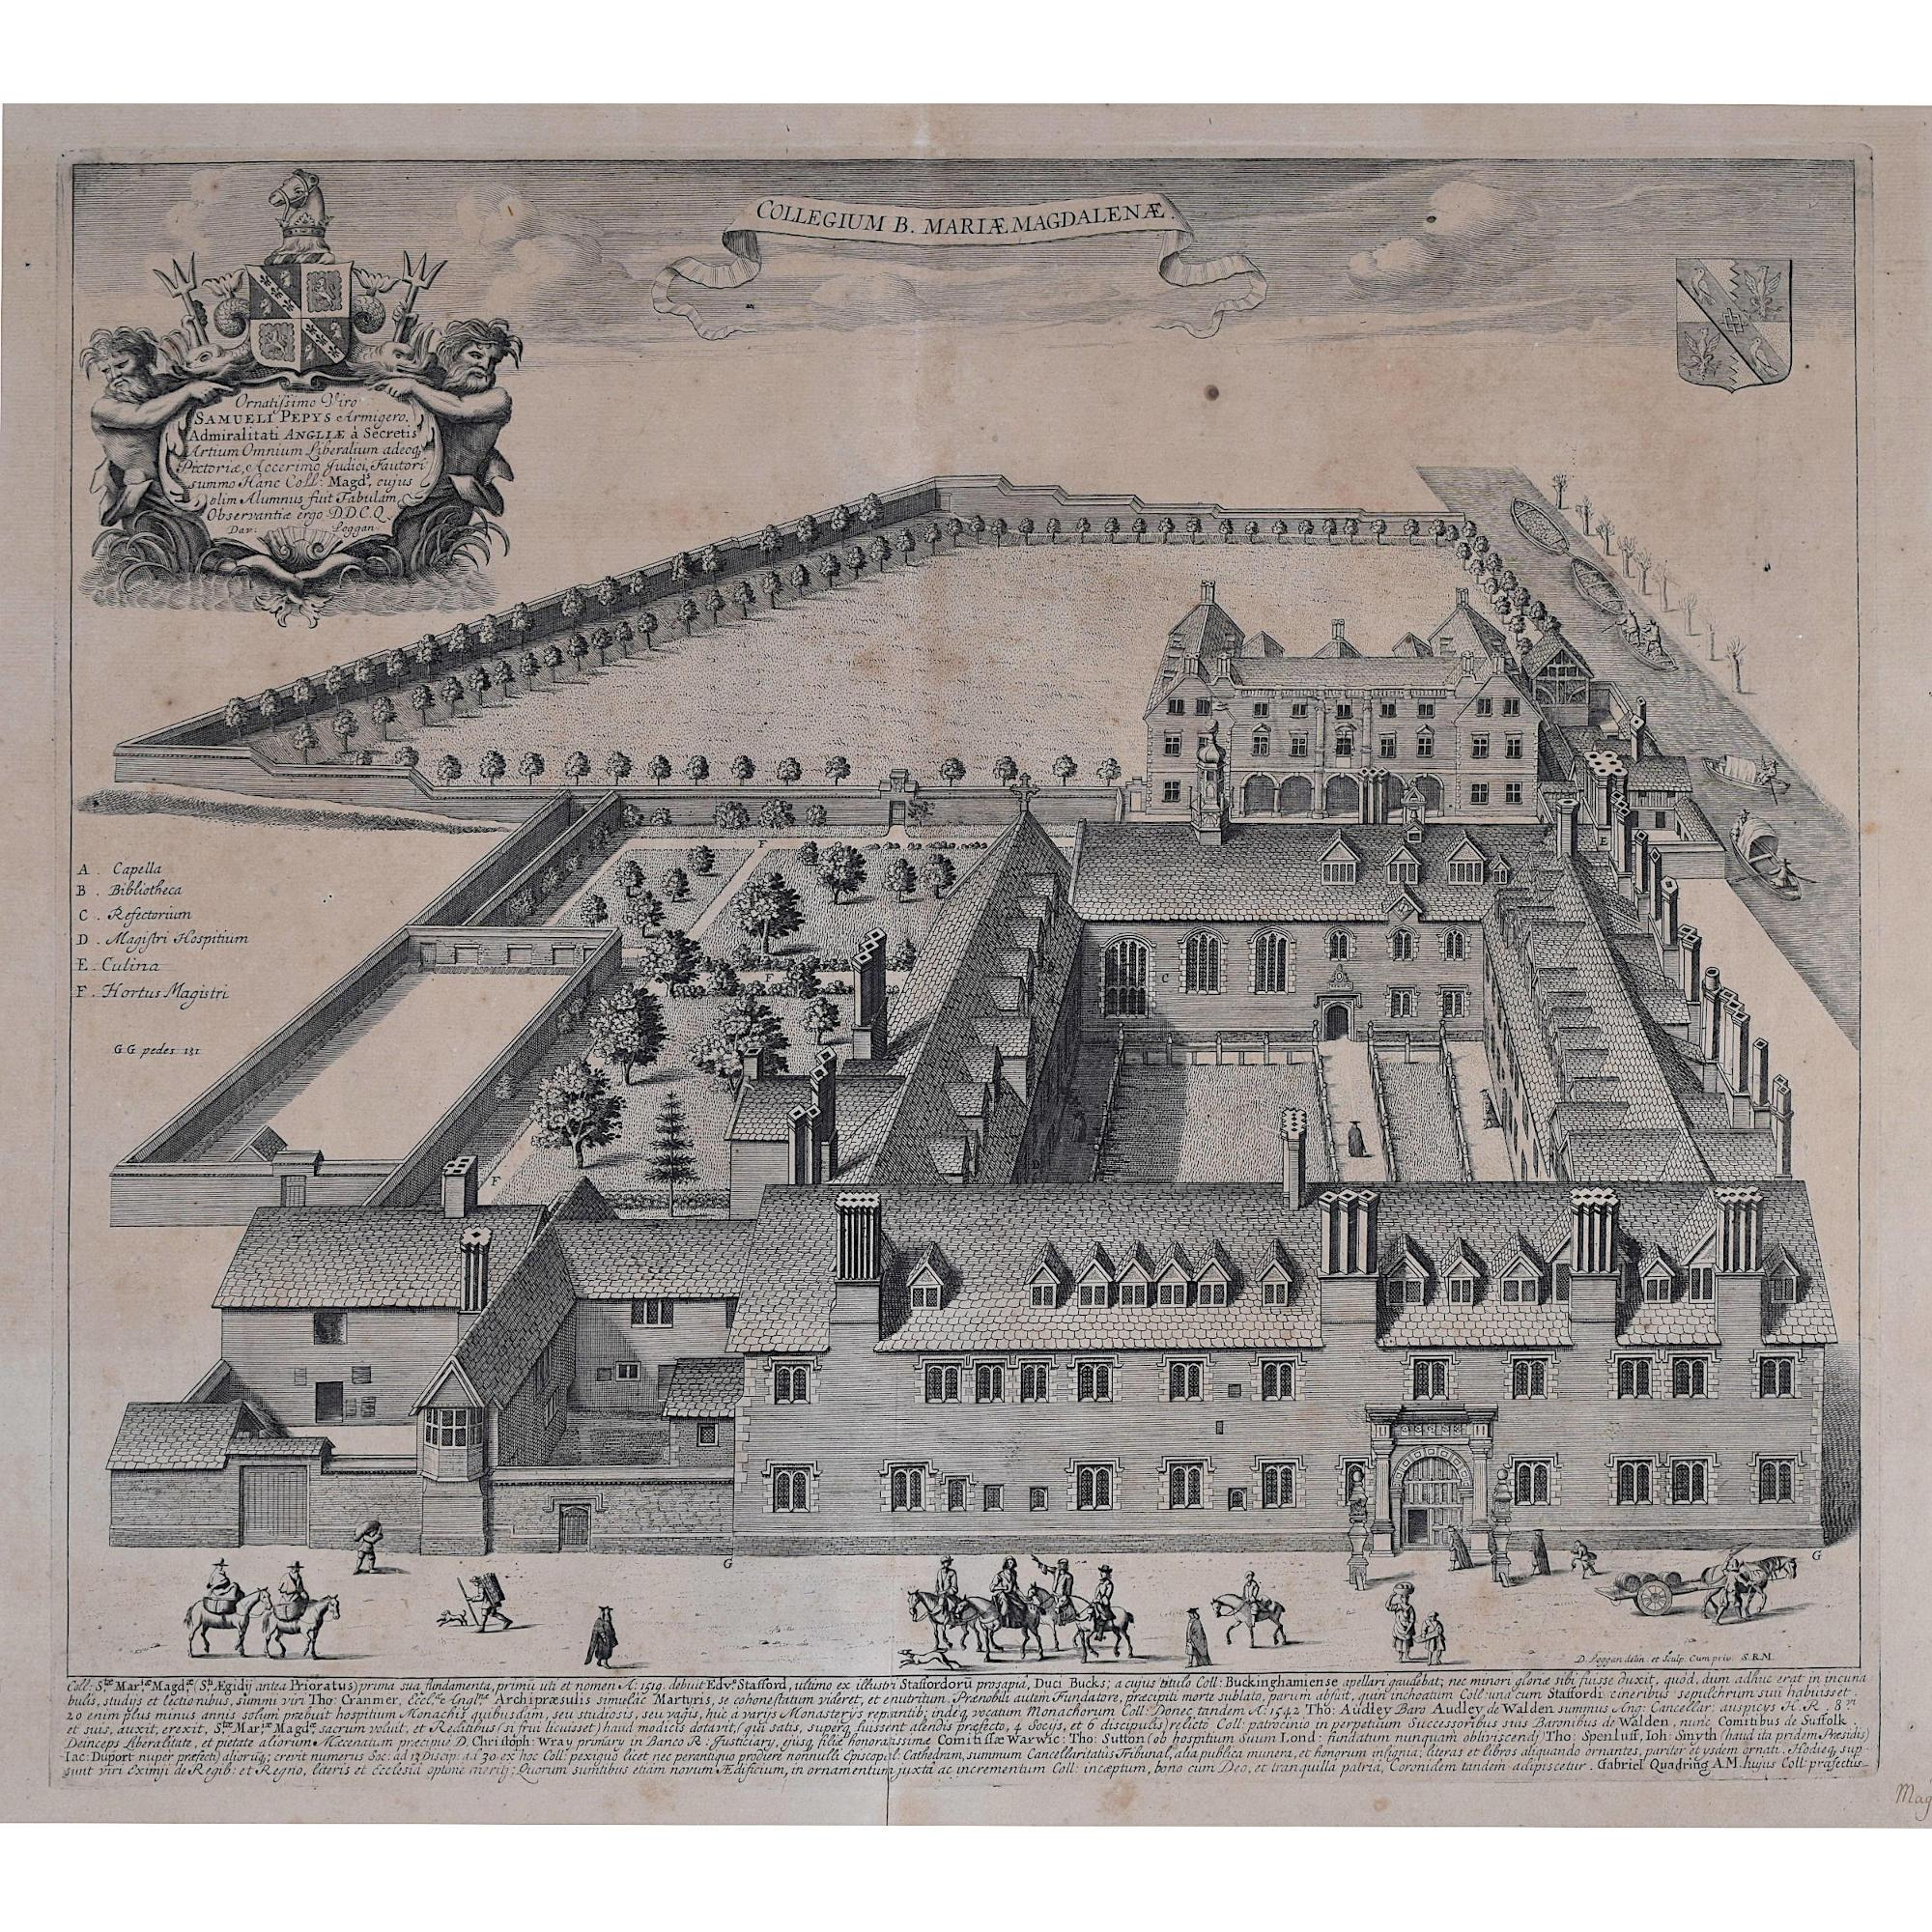 David Loggan Magdalene College Cambridge engraving 1690